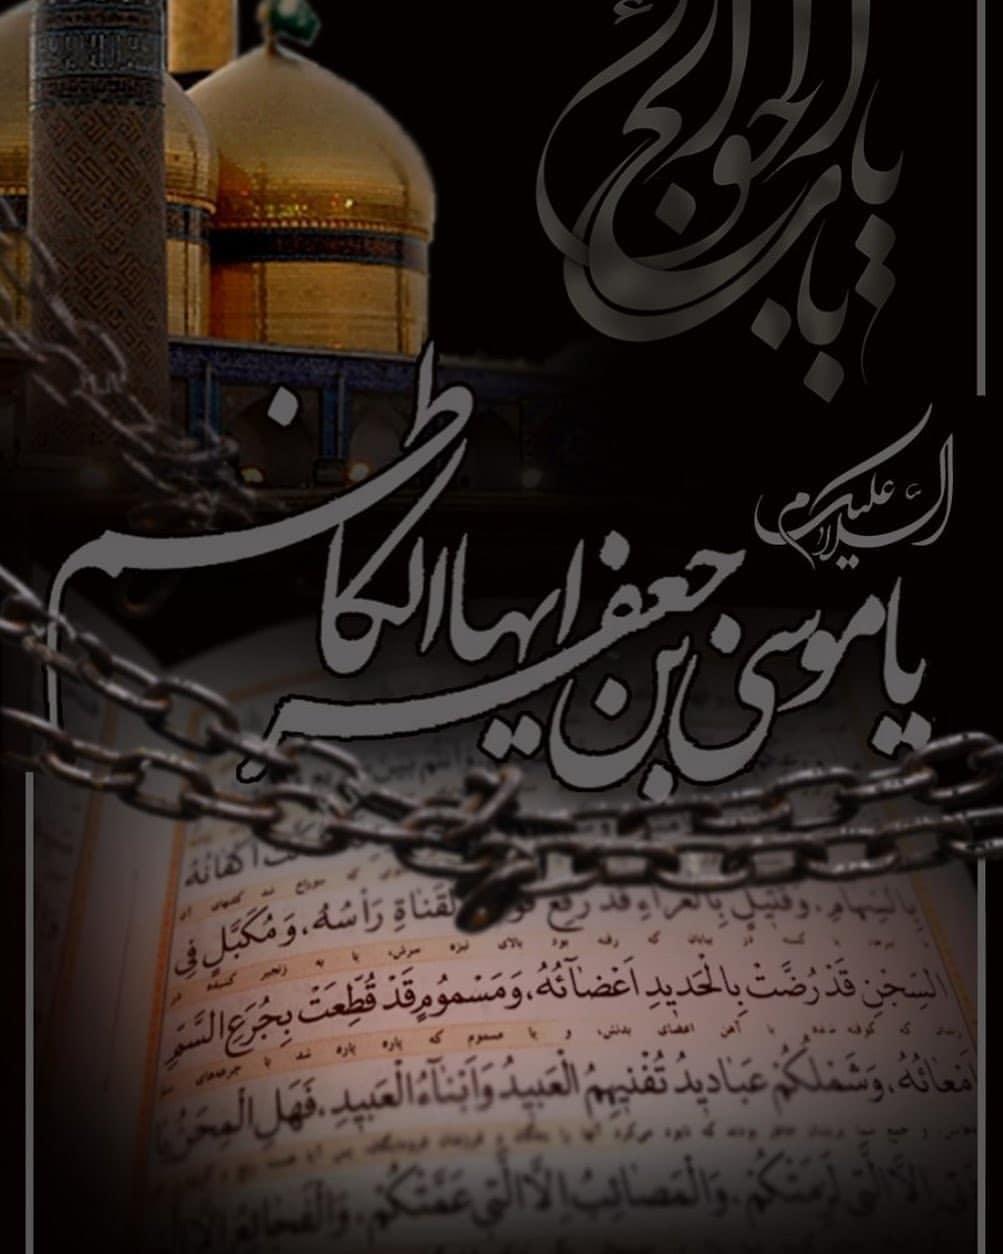 Download Photo Kaligrafi #اللّهُمَّ صَلِّ عَلى #حَلِيفِ #السَّجْدَةِ الطَّوِيلَةِ وَ الدُّمُوعِ الغَزِيرَ…- Vahedi Masoud